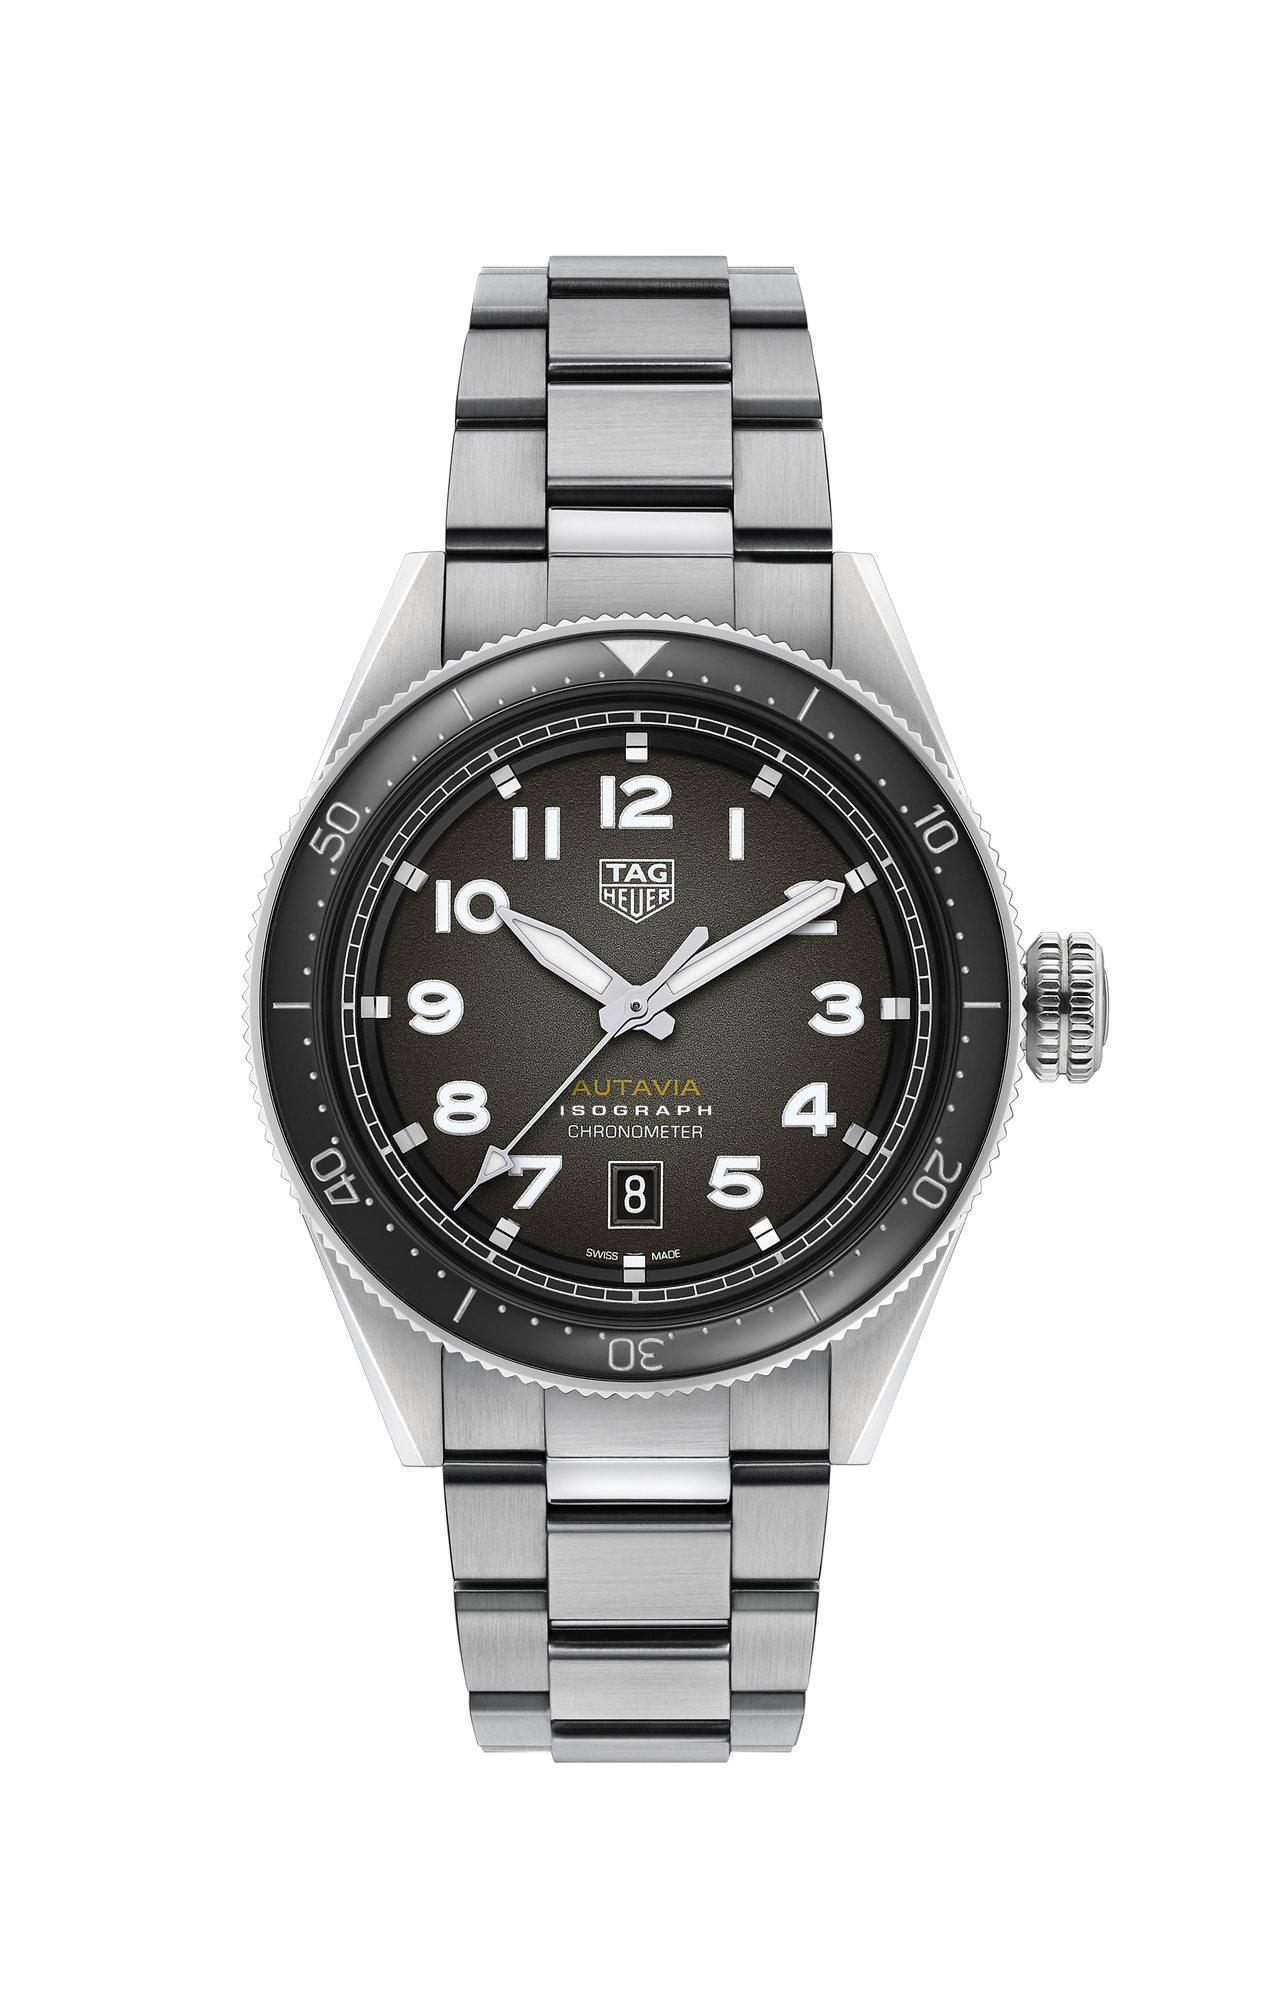 泰格豪雅Autavia系列腕表,不鏽鋼表殼、表鍊,搭配黑色陶瓷表圈,具38小時動...